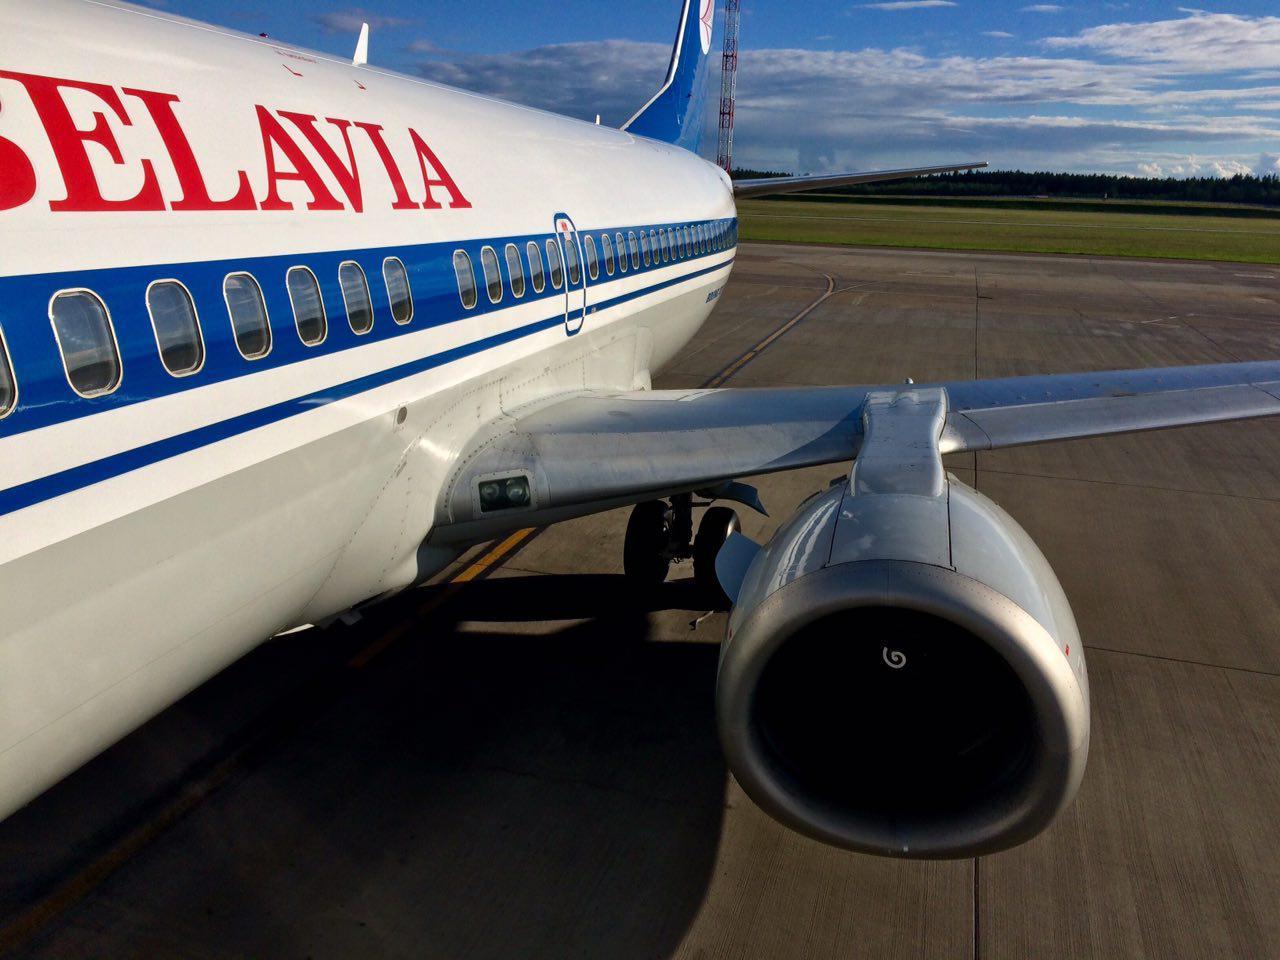 Вспоминая лето. Финальная часть путешествия в Одессу: Минск - Москва. Boeing 737-300 Belavia.